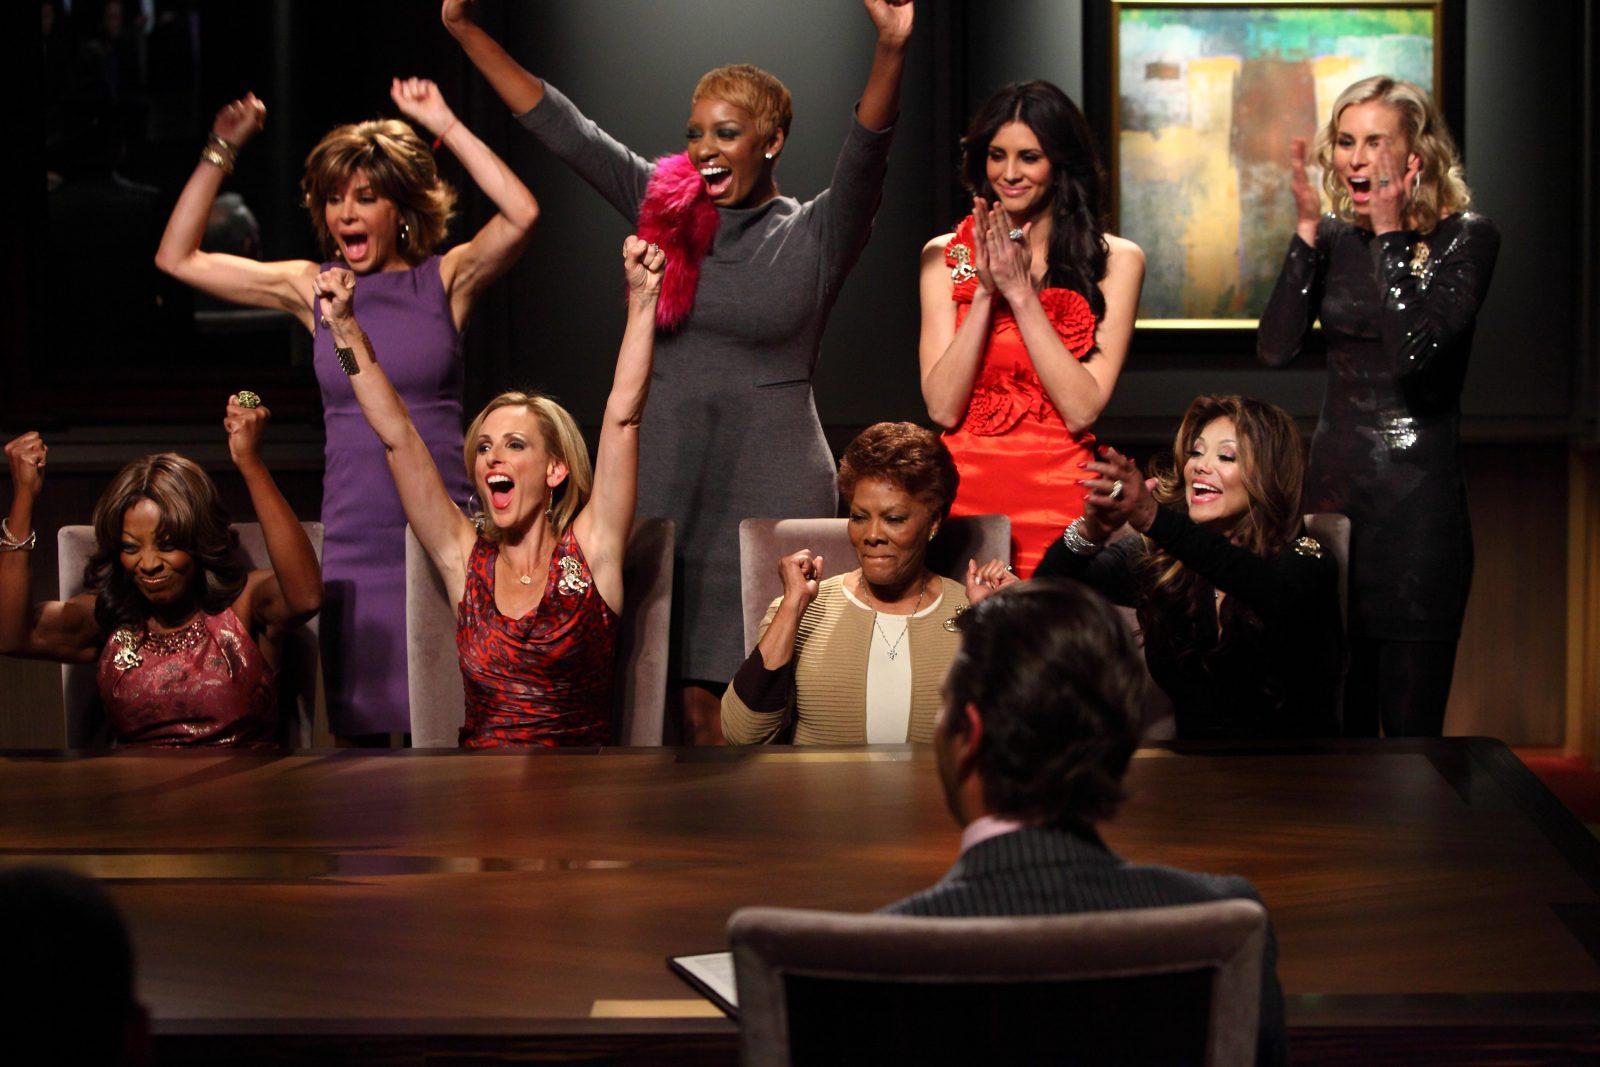 A scene from 'Celebrity Apprentice'